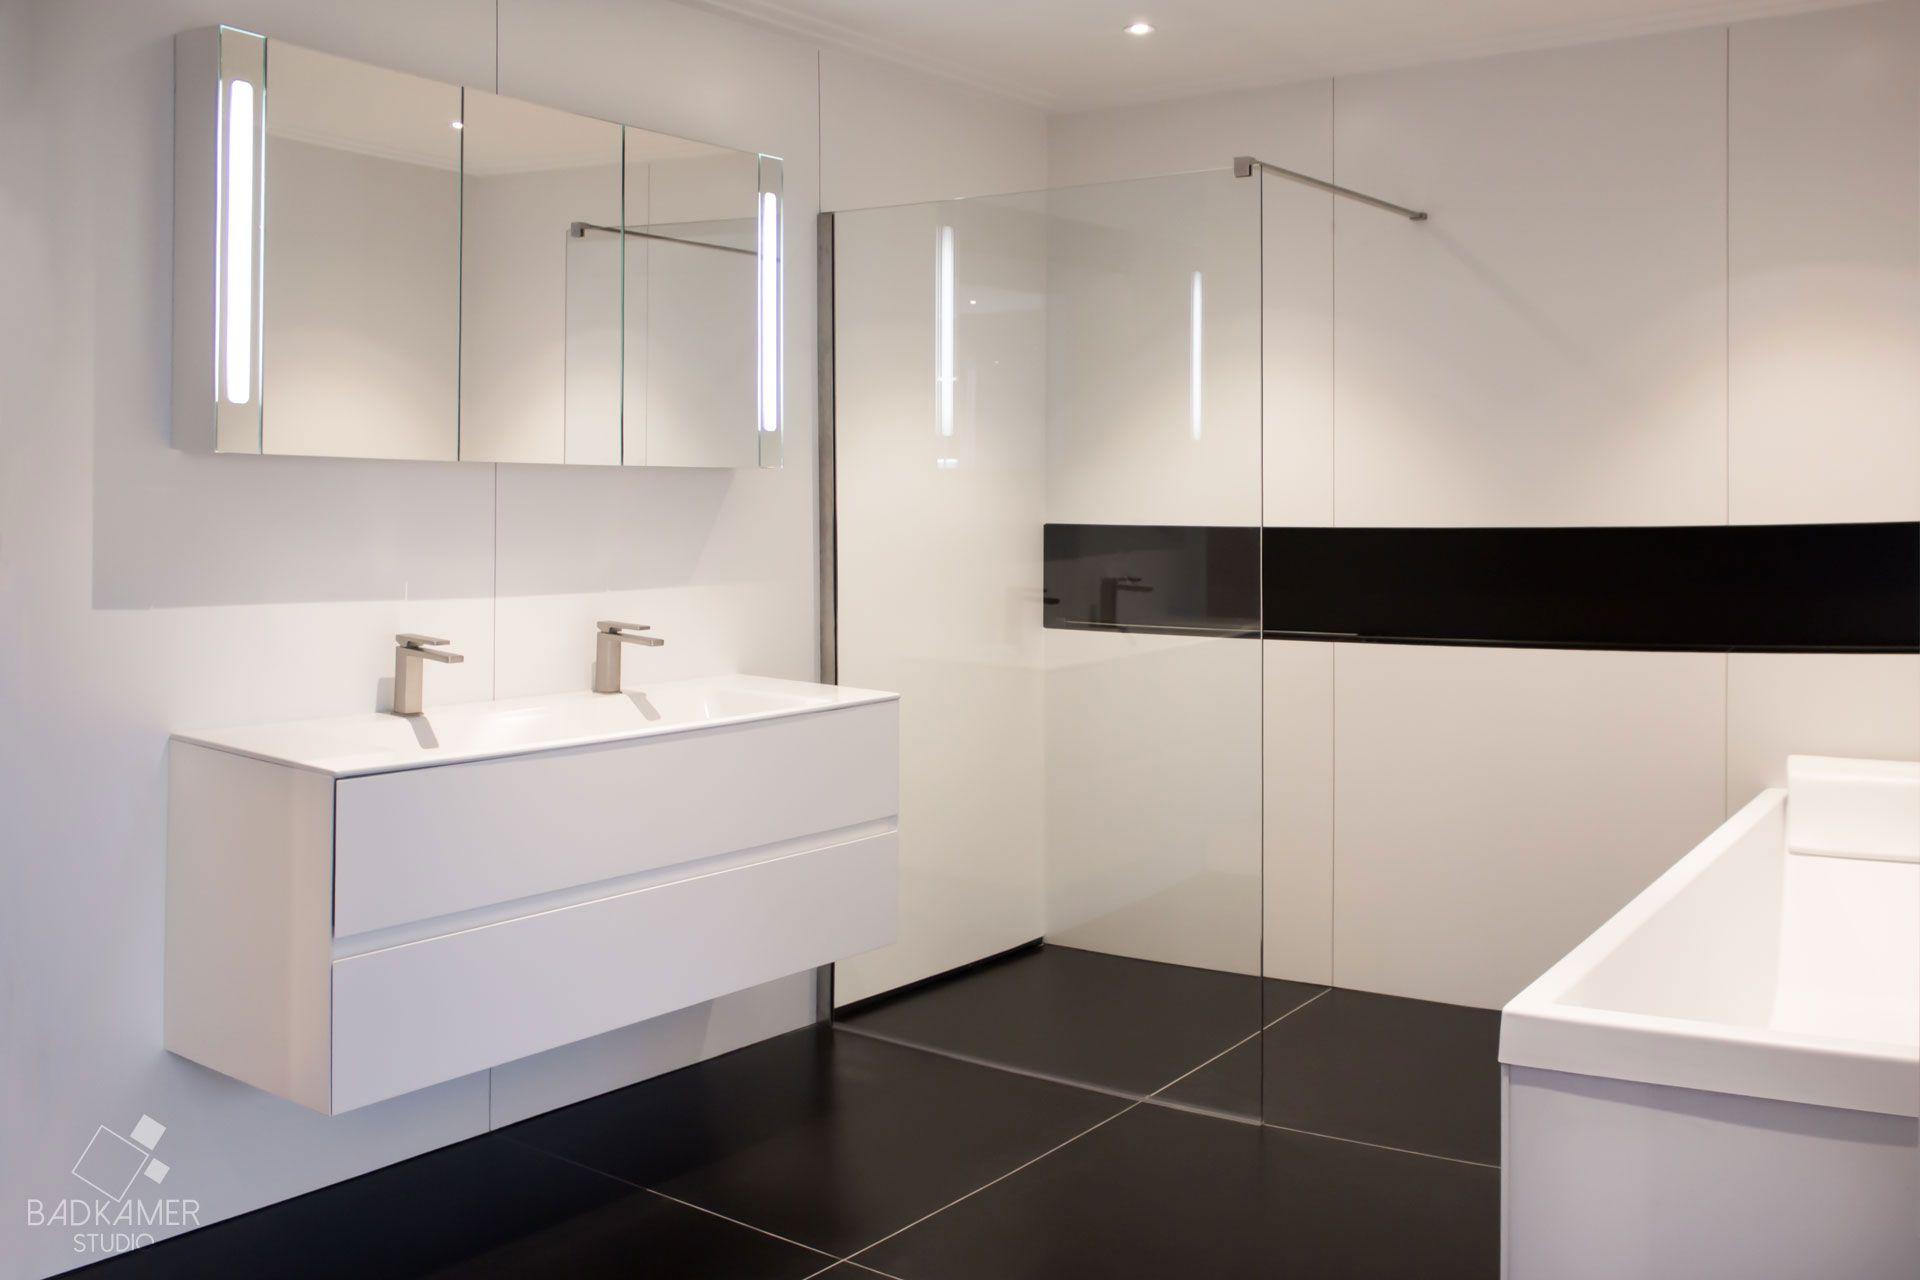 Kleine Badkamer Tegels : Image result for lichte tegels kleine badkamers badkamer